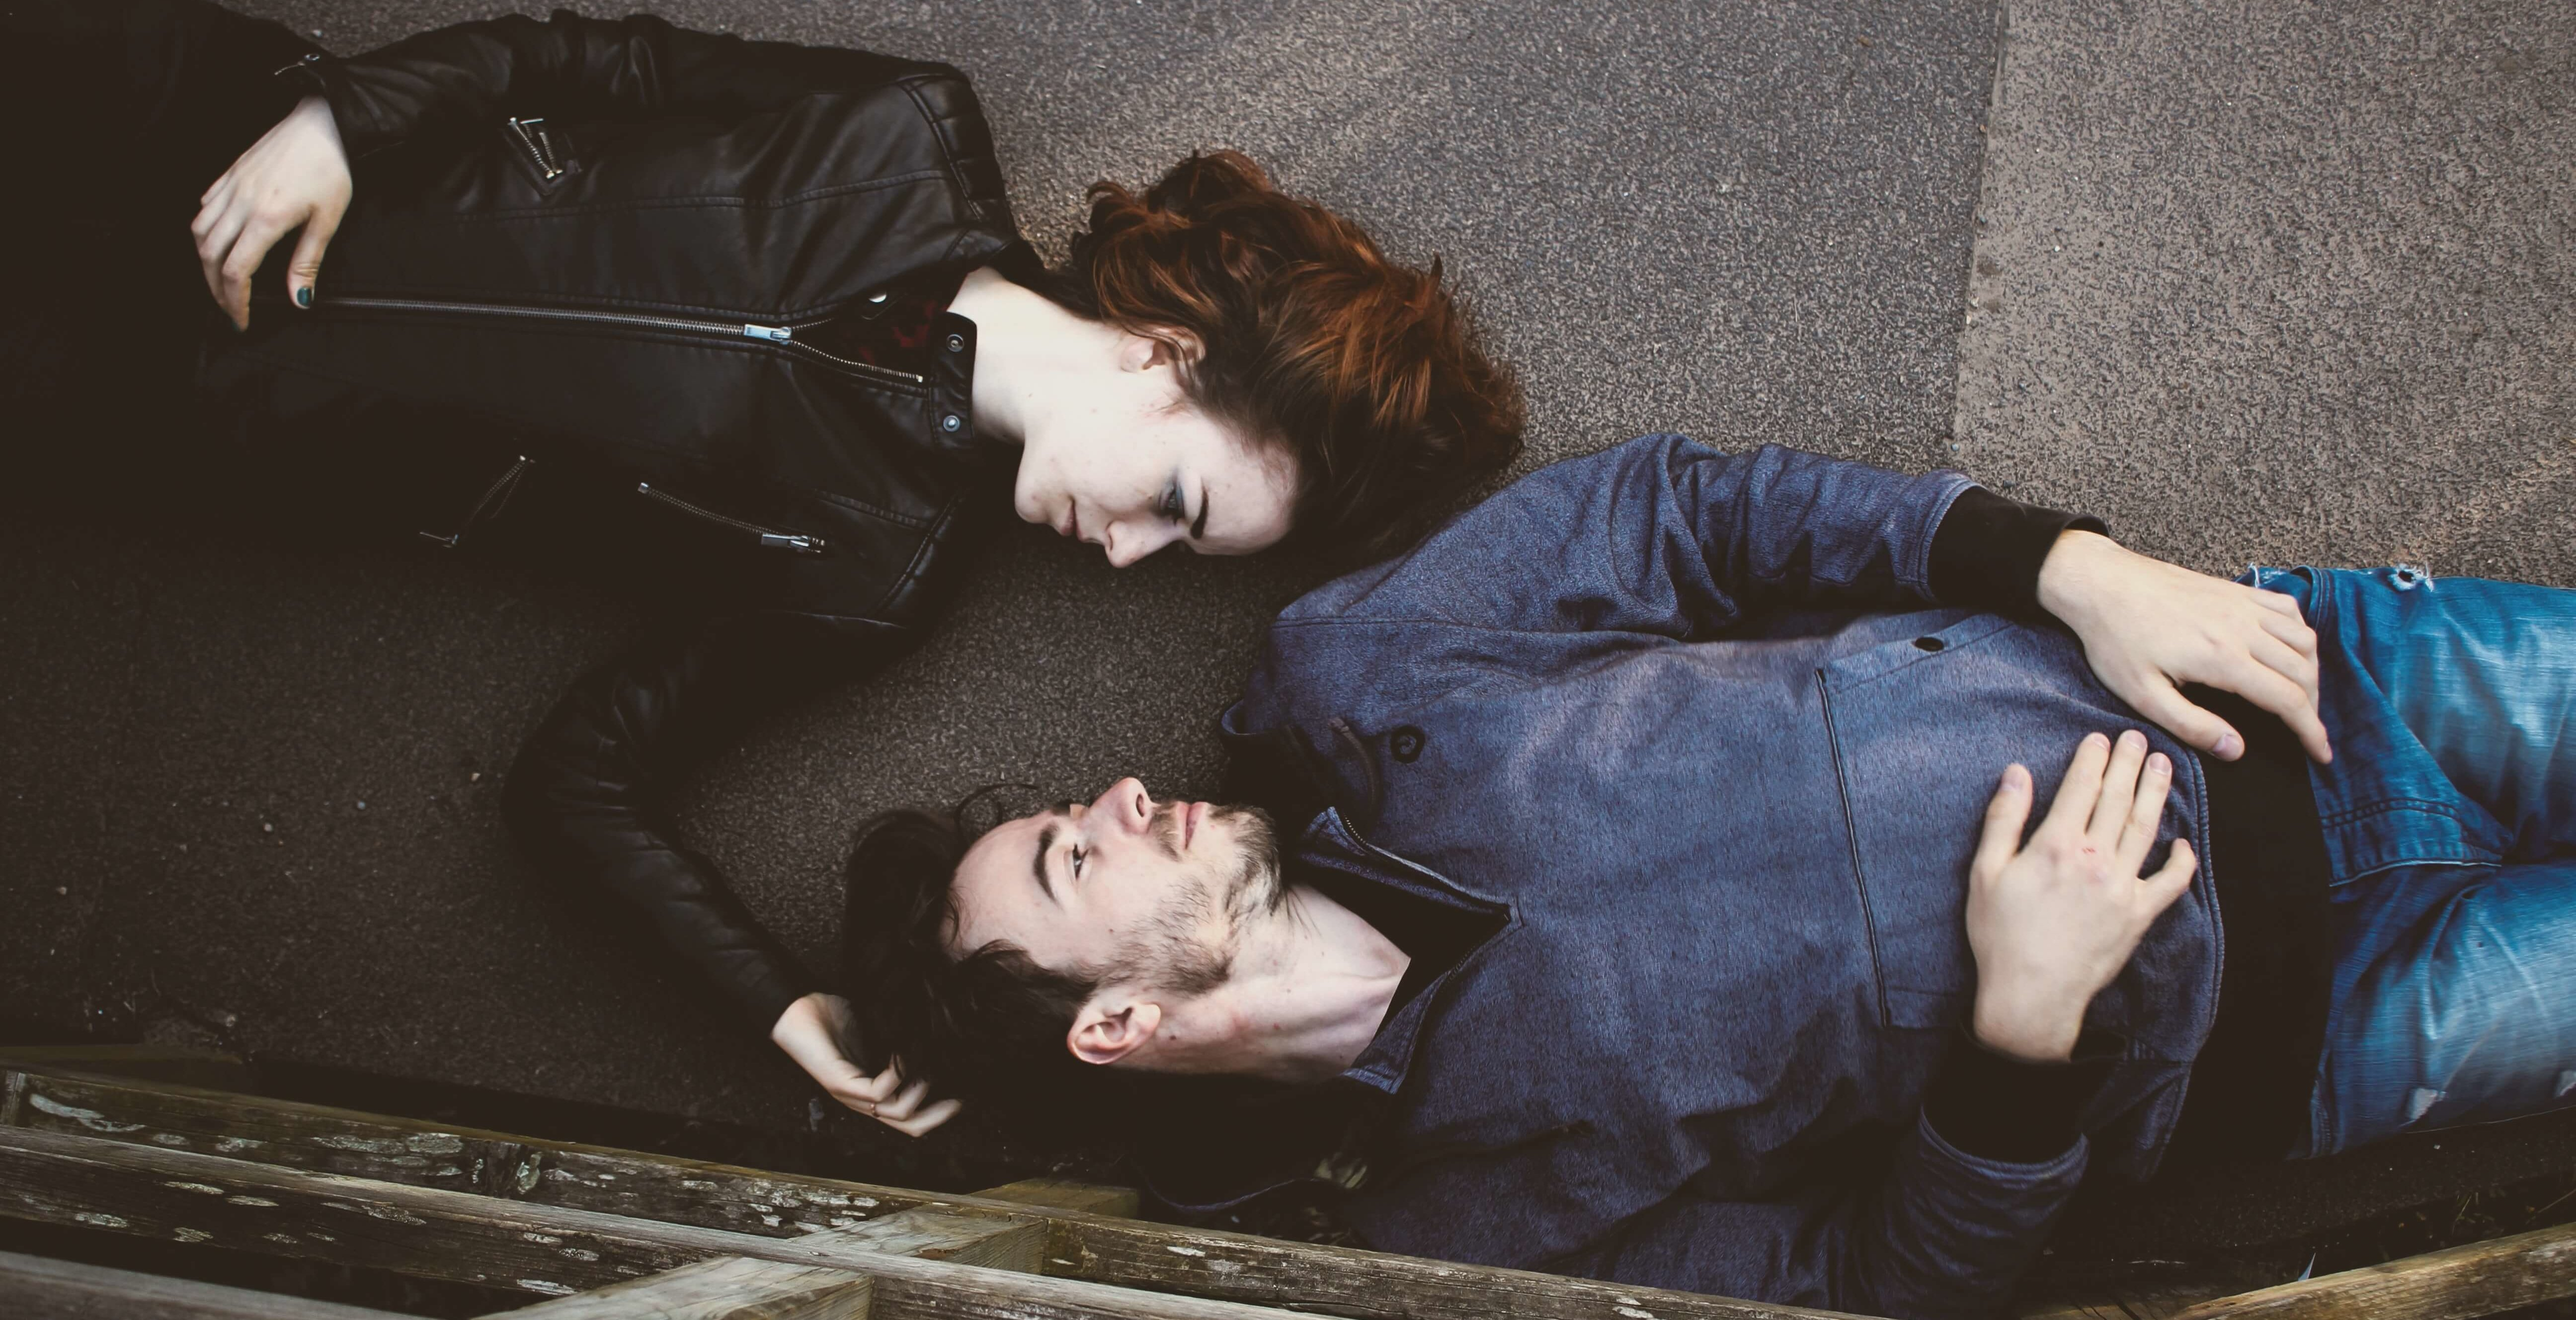 寝転んで上下逆に向かい合う二人